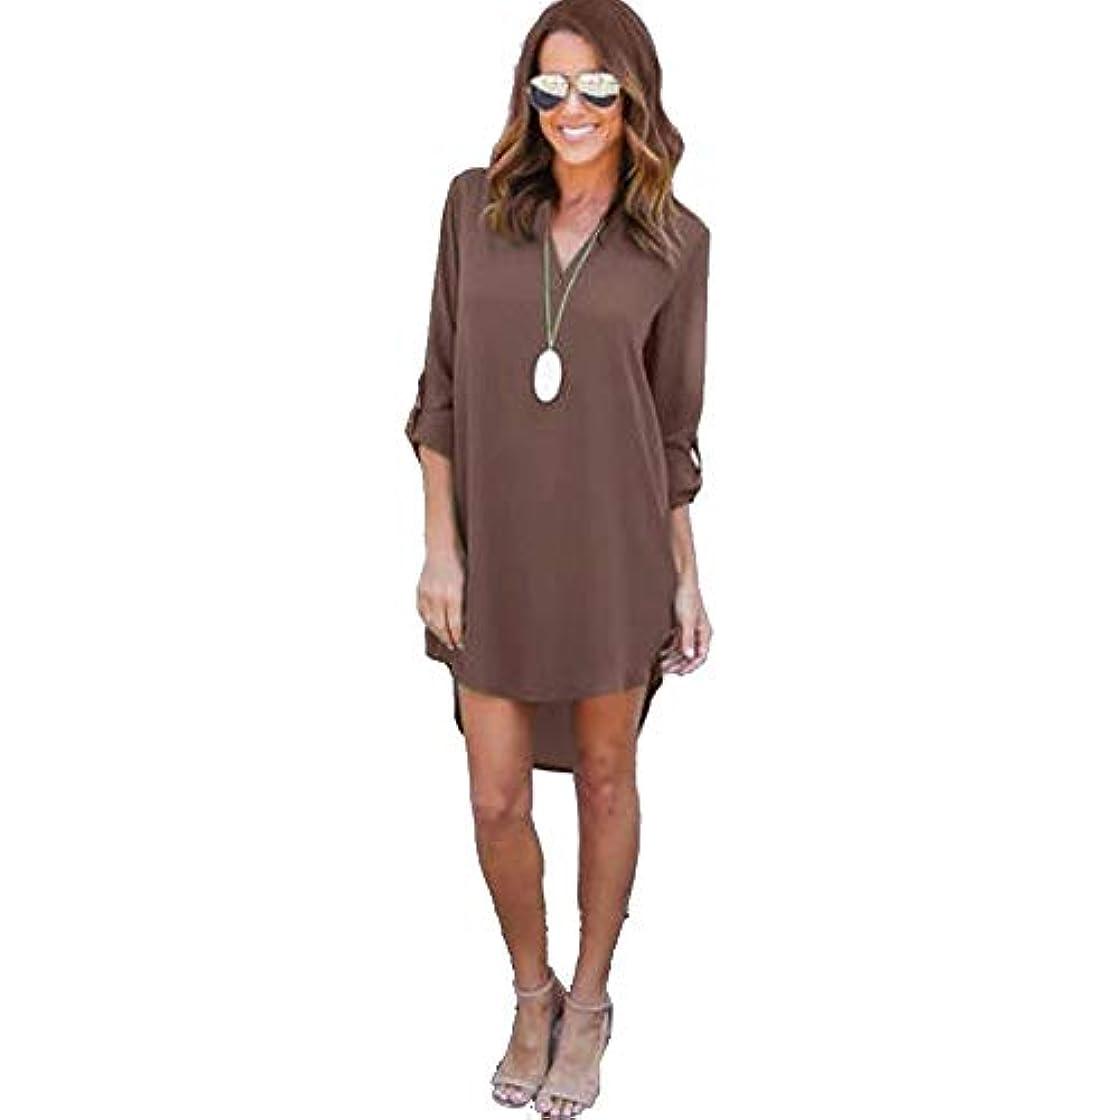 レビュー合併症池MIFAN女性ドレス、シフォン、Vネック、無地、長袖、ゆったり、ミニドレス、Tシャツドレス